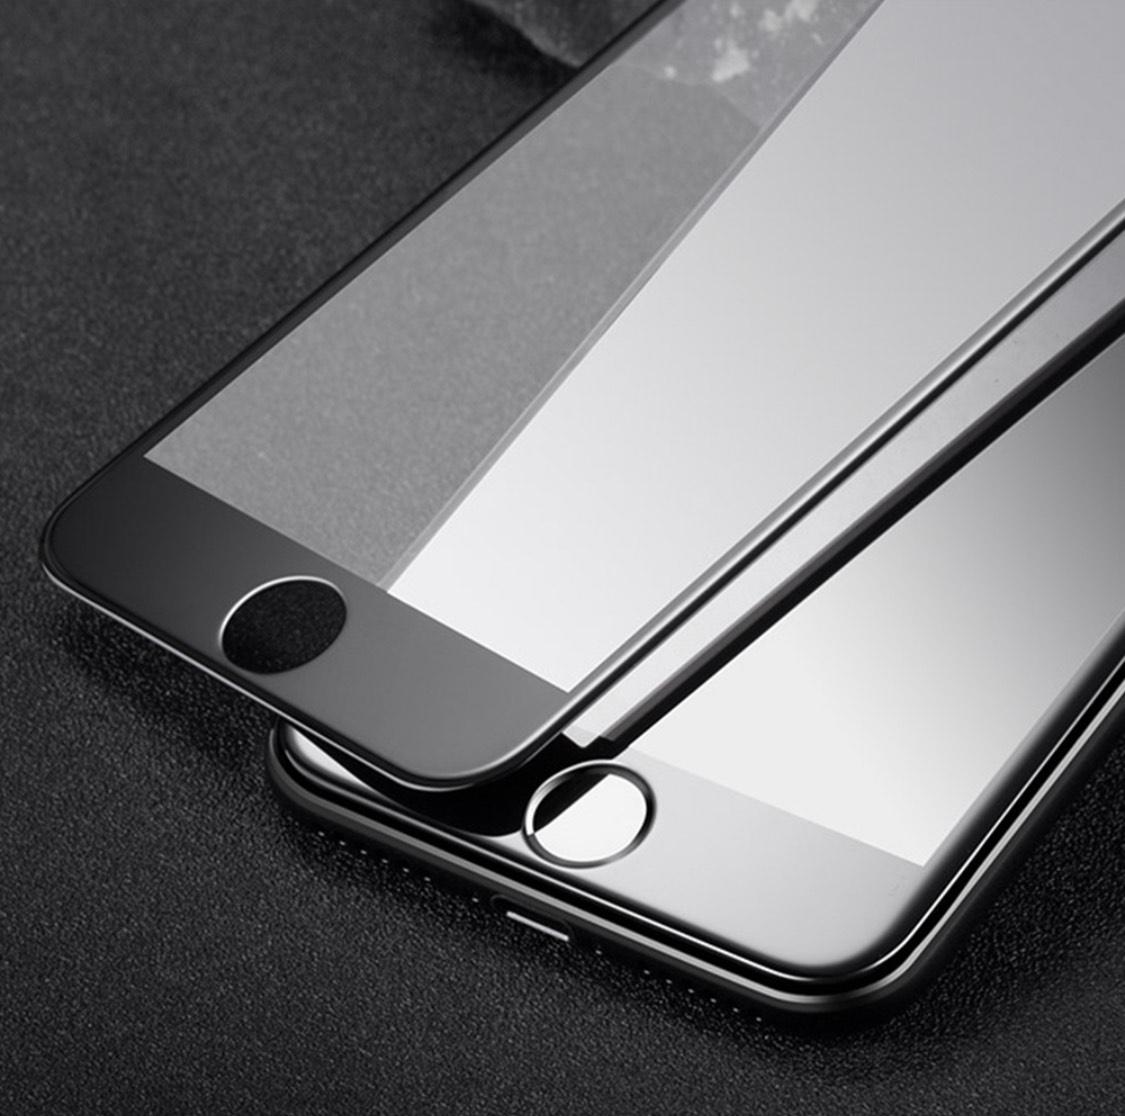 3er Pack Panzerglas Schutzfolie für iPhone 6/7/8 (Plus), fullscreen Displayschutz – 9H Härte – 3D Touch kompatibel, Anti-Fingerabdruck